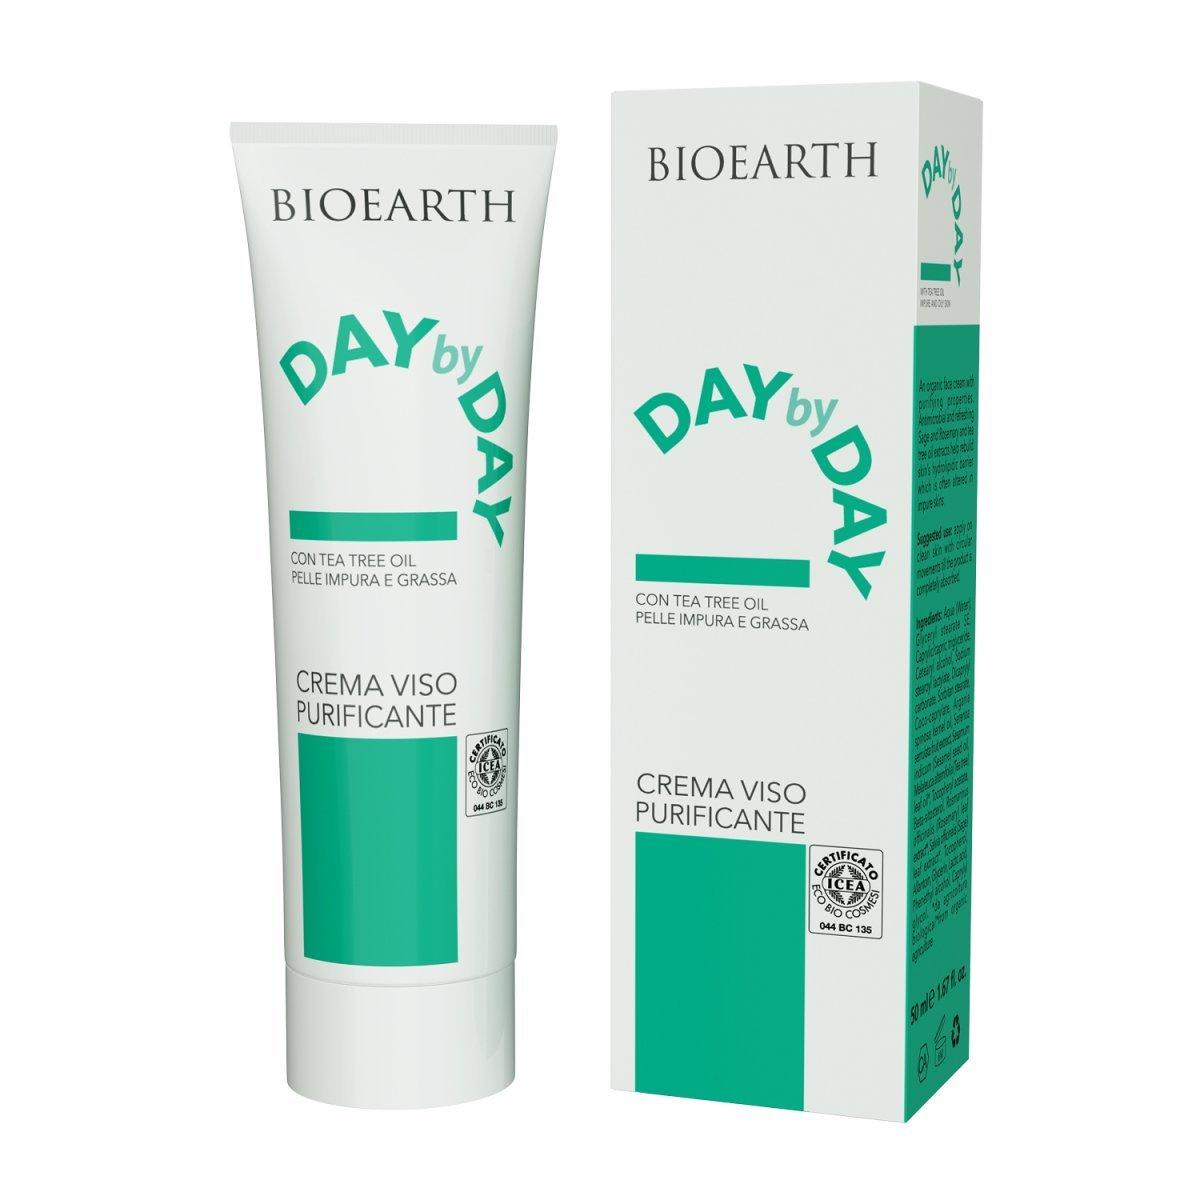 DaybyDay Crema viso purificante per pelle grassa e impura